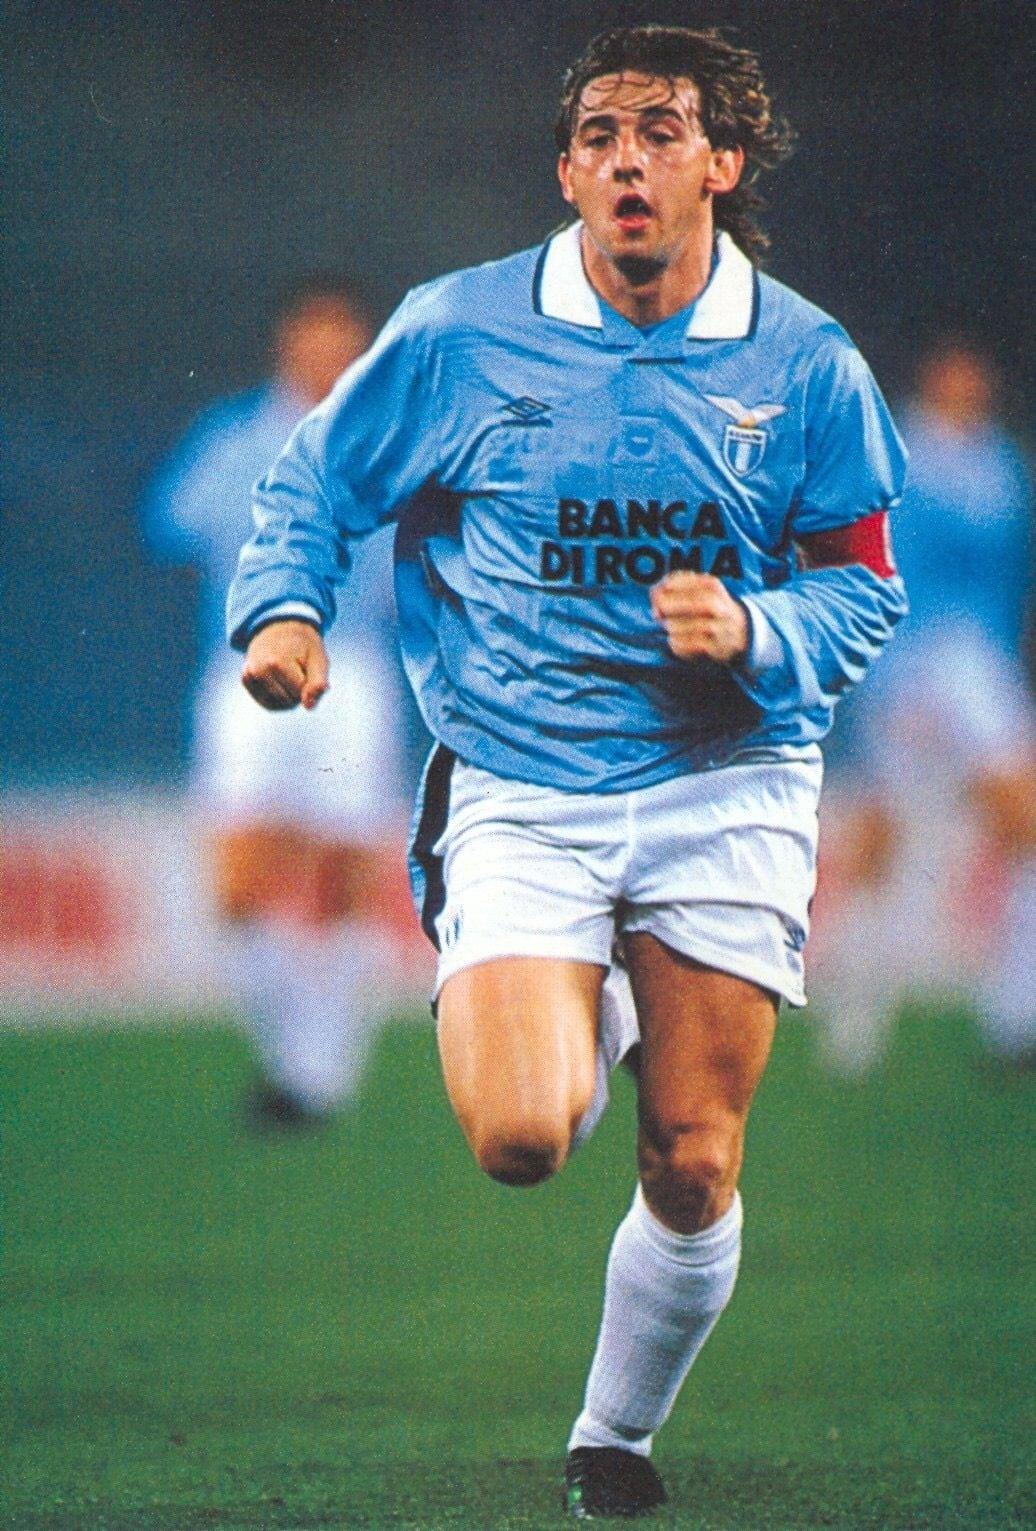 W Lazio Signori stał się jedną zikon klubu, aleniepożegnano się znim zbyt ładnie; źródło: pinterest.com